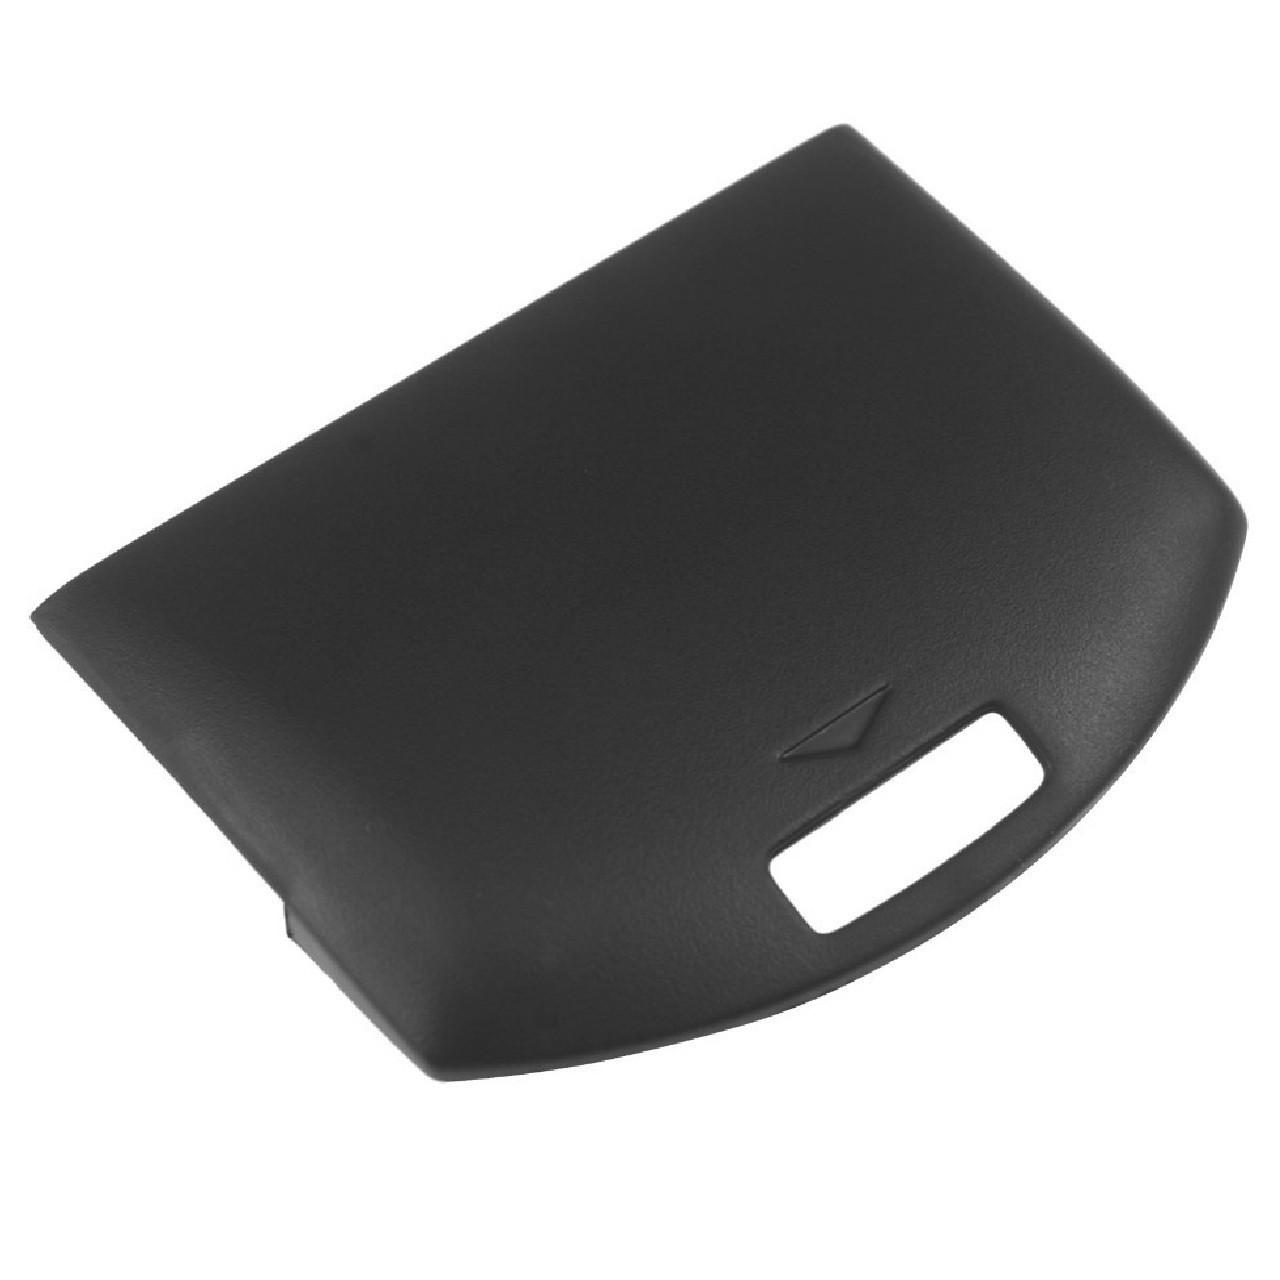 Задняя крышка аккумуляторного отсека на PSP 1000